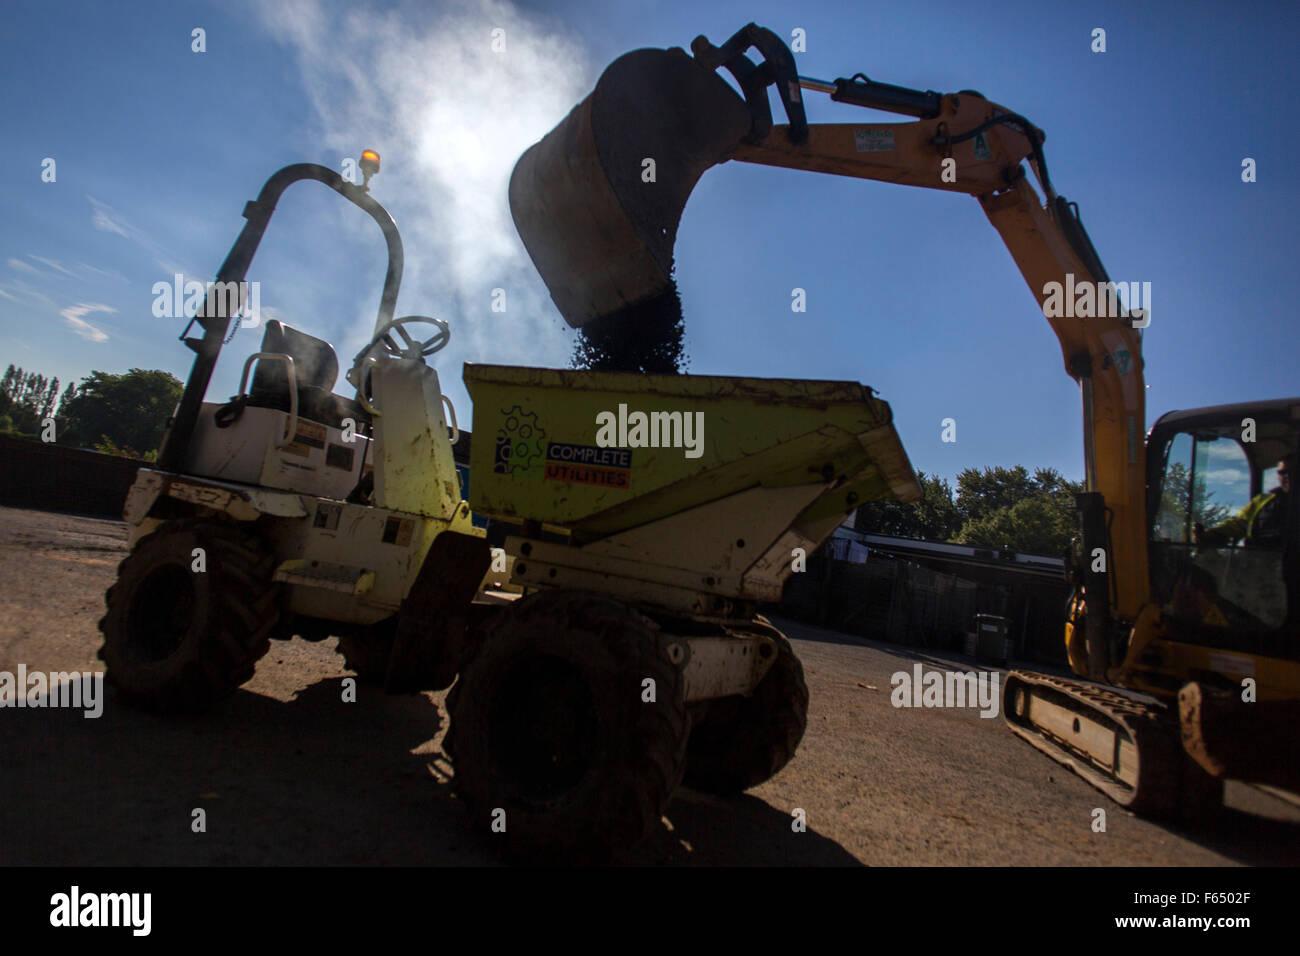 a digger puts hot asphalt into a dump truck - Stock Image